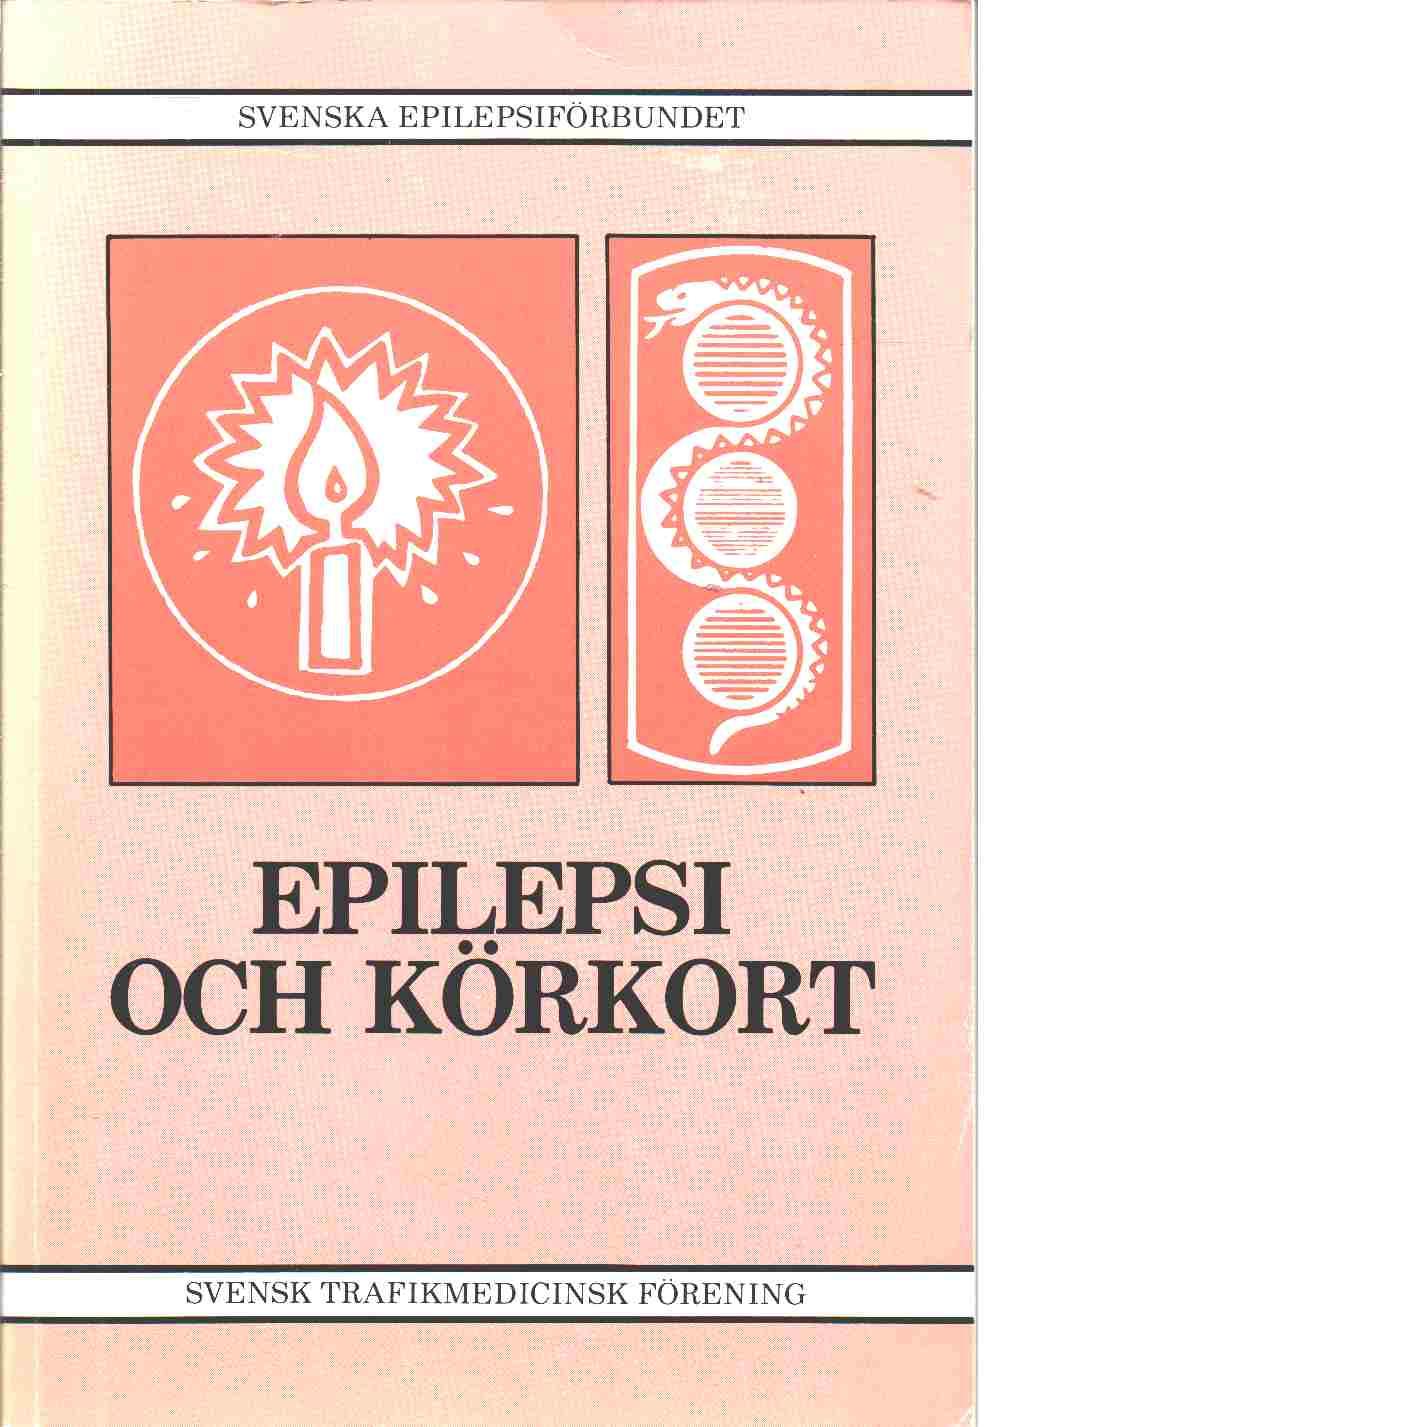 Epilepsi och körkort - Red. Andréasson, Rune och Vrethammar, Torbjörn